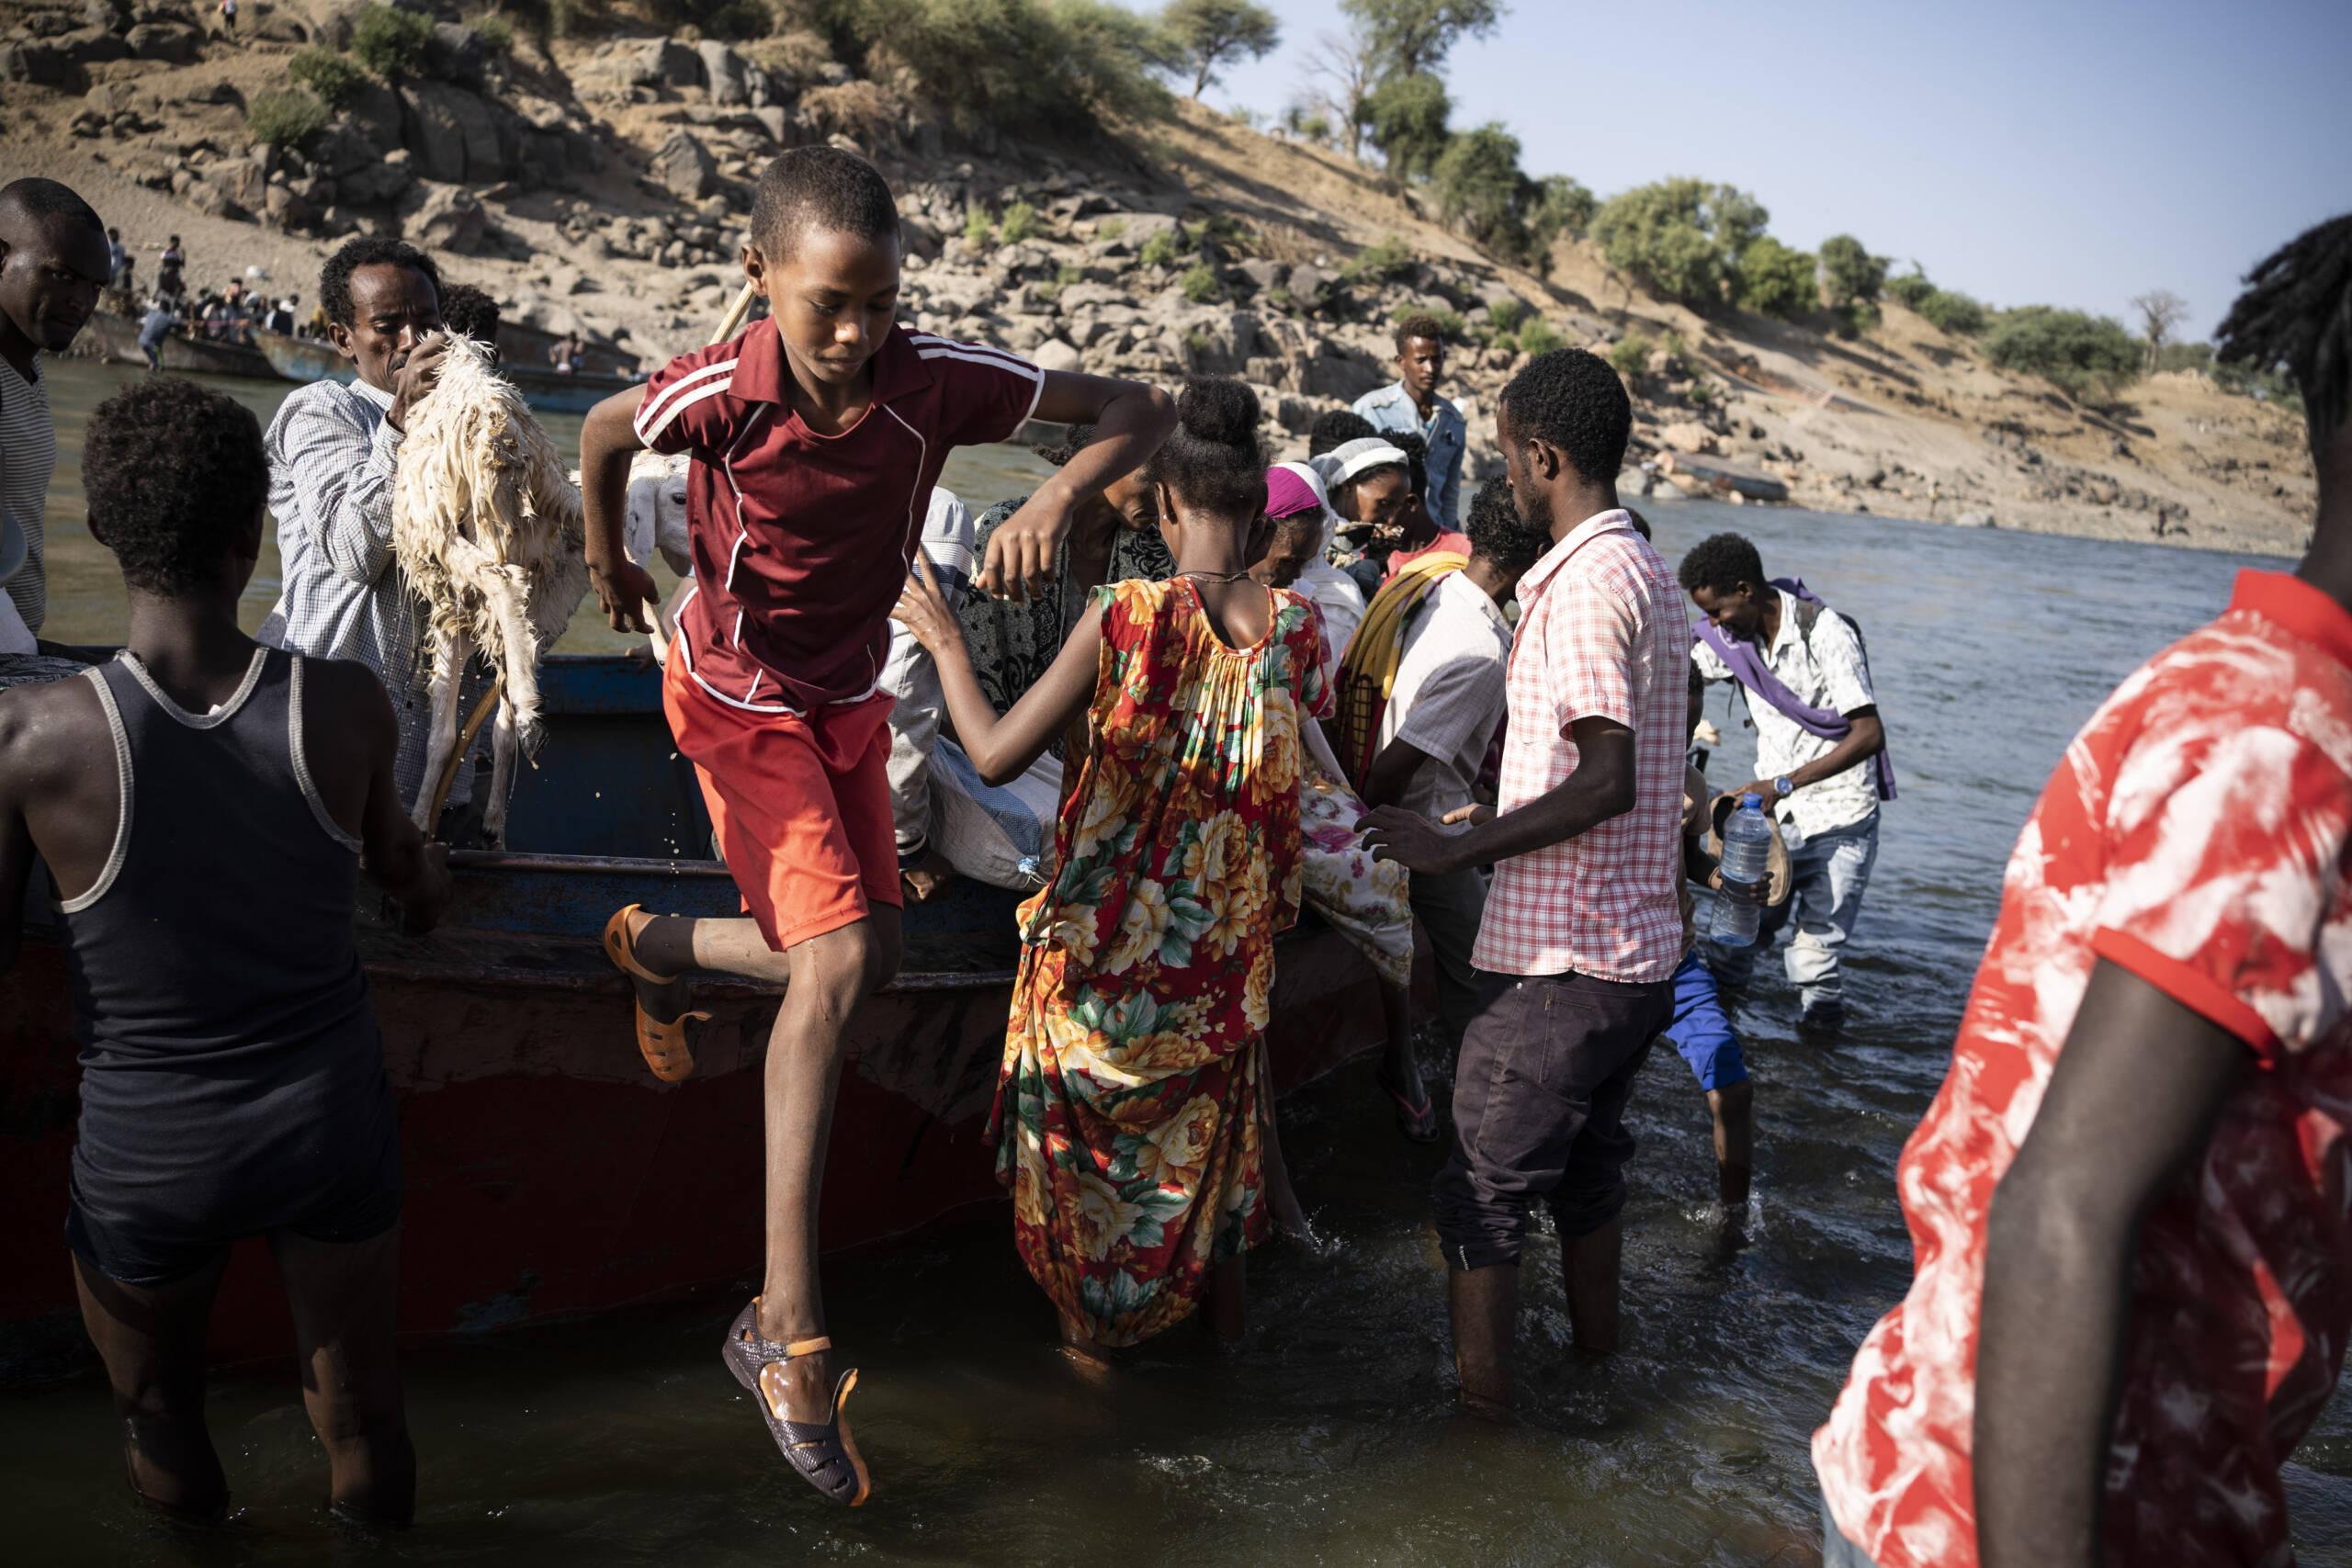 Äthiopische Flüchtlinge in einem Boot auf dem Weg in den Sudan